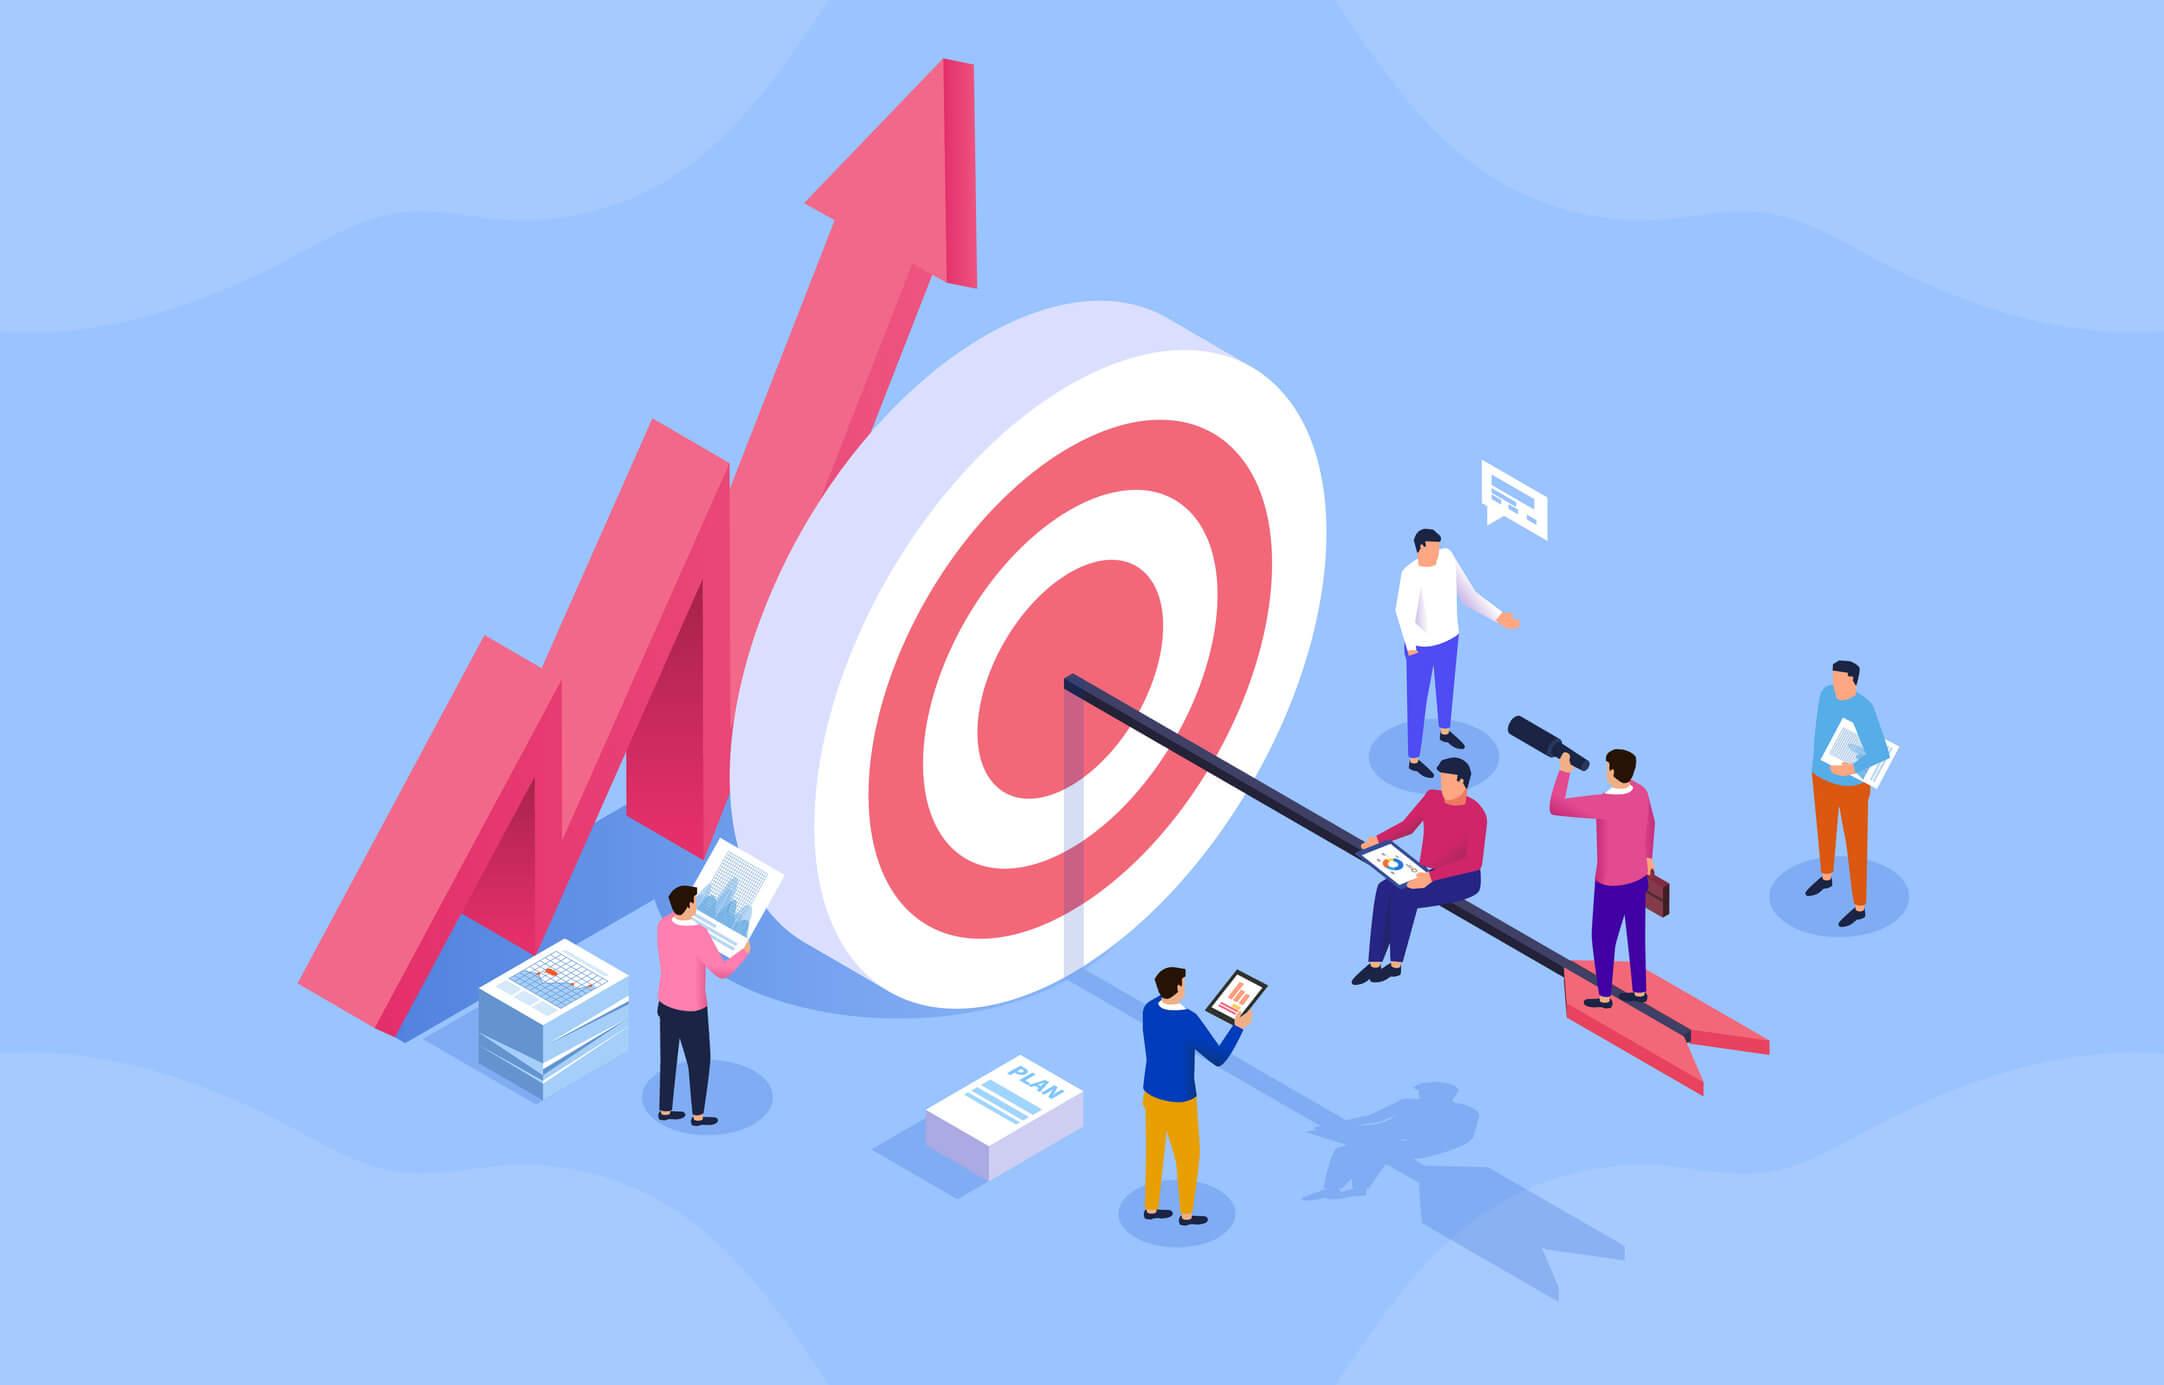 Precision marketing: impulsione as vendas de fim de ano com campanhas estratégicas